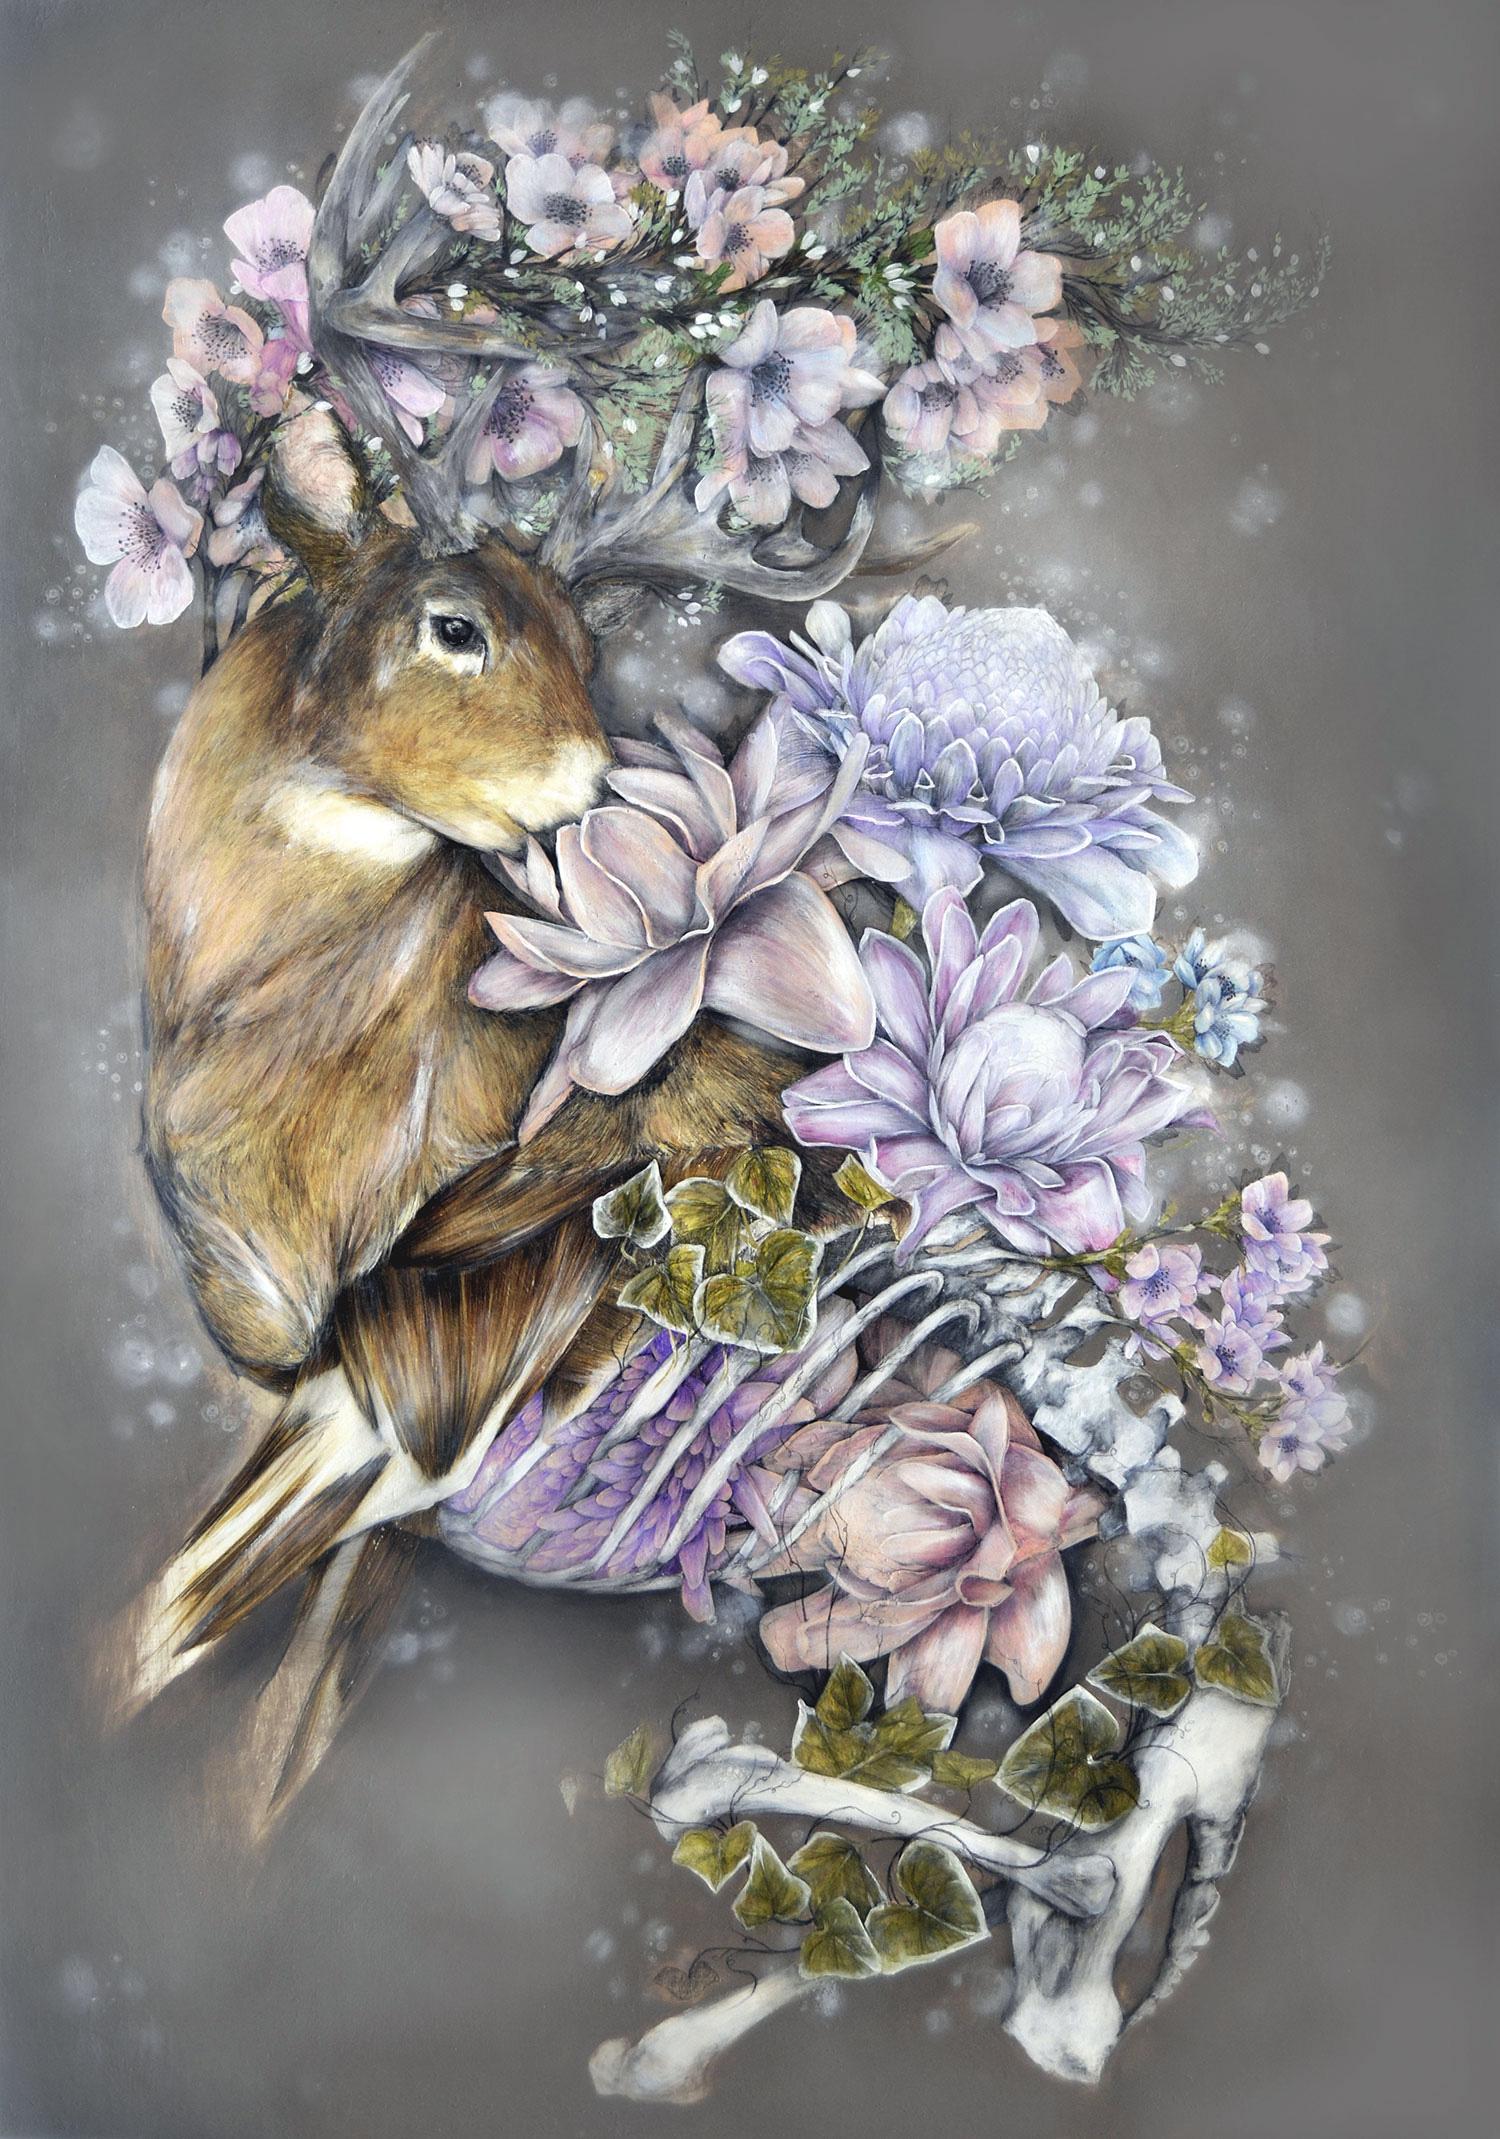 Nunzio Paci - Wild Elingera (Wax Flower)